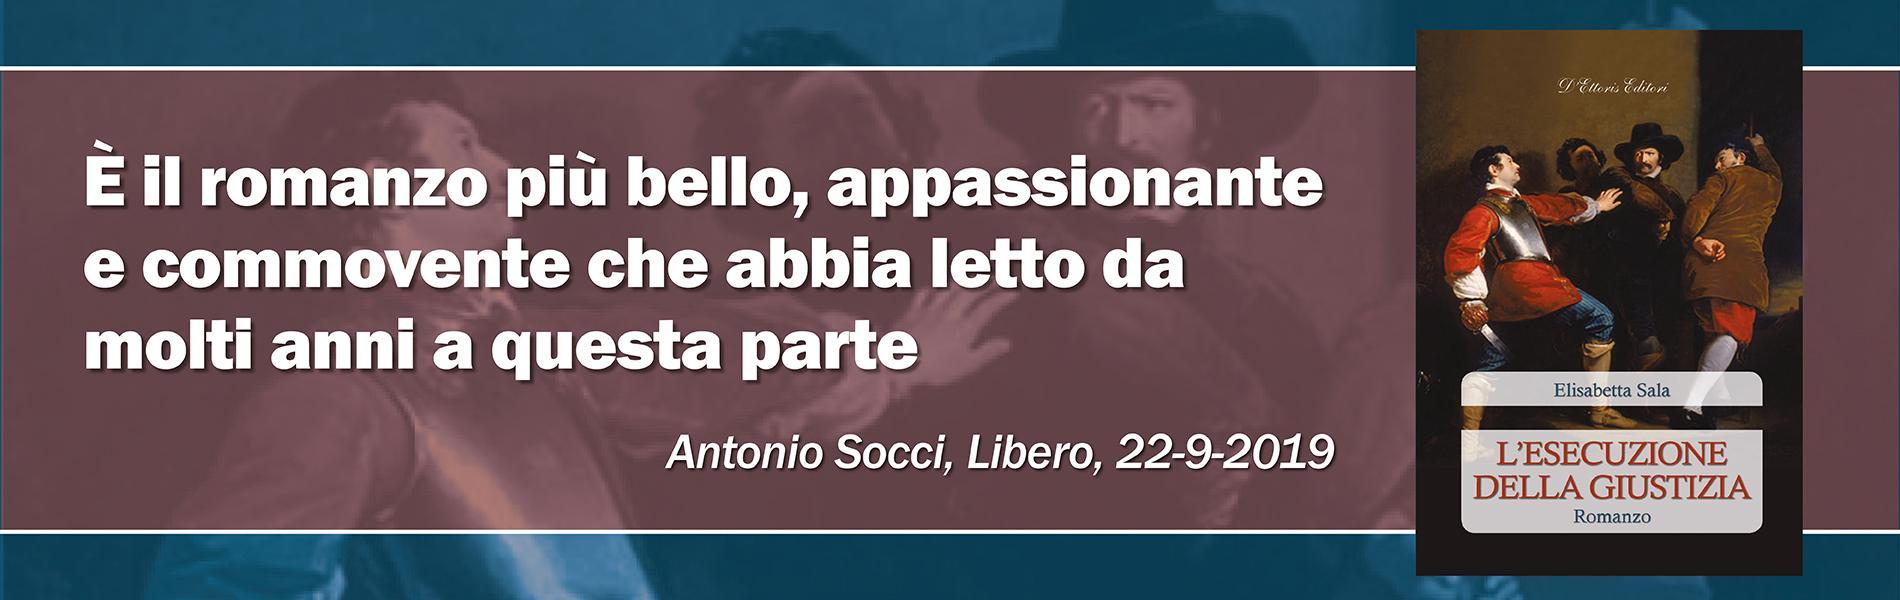 Banner_LEsecuzione_della_giustizia_15ottobre2019